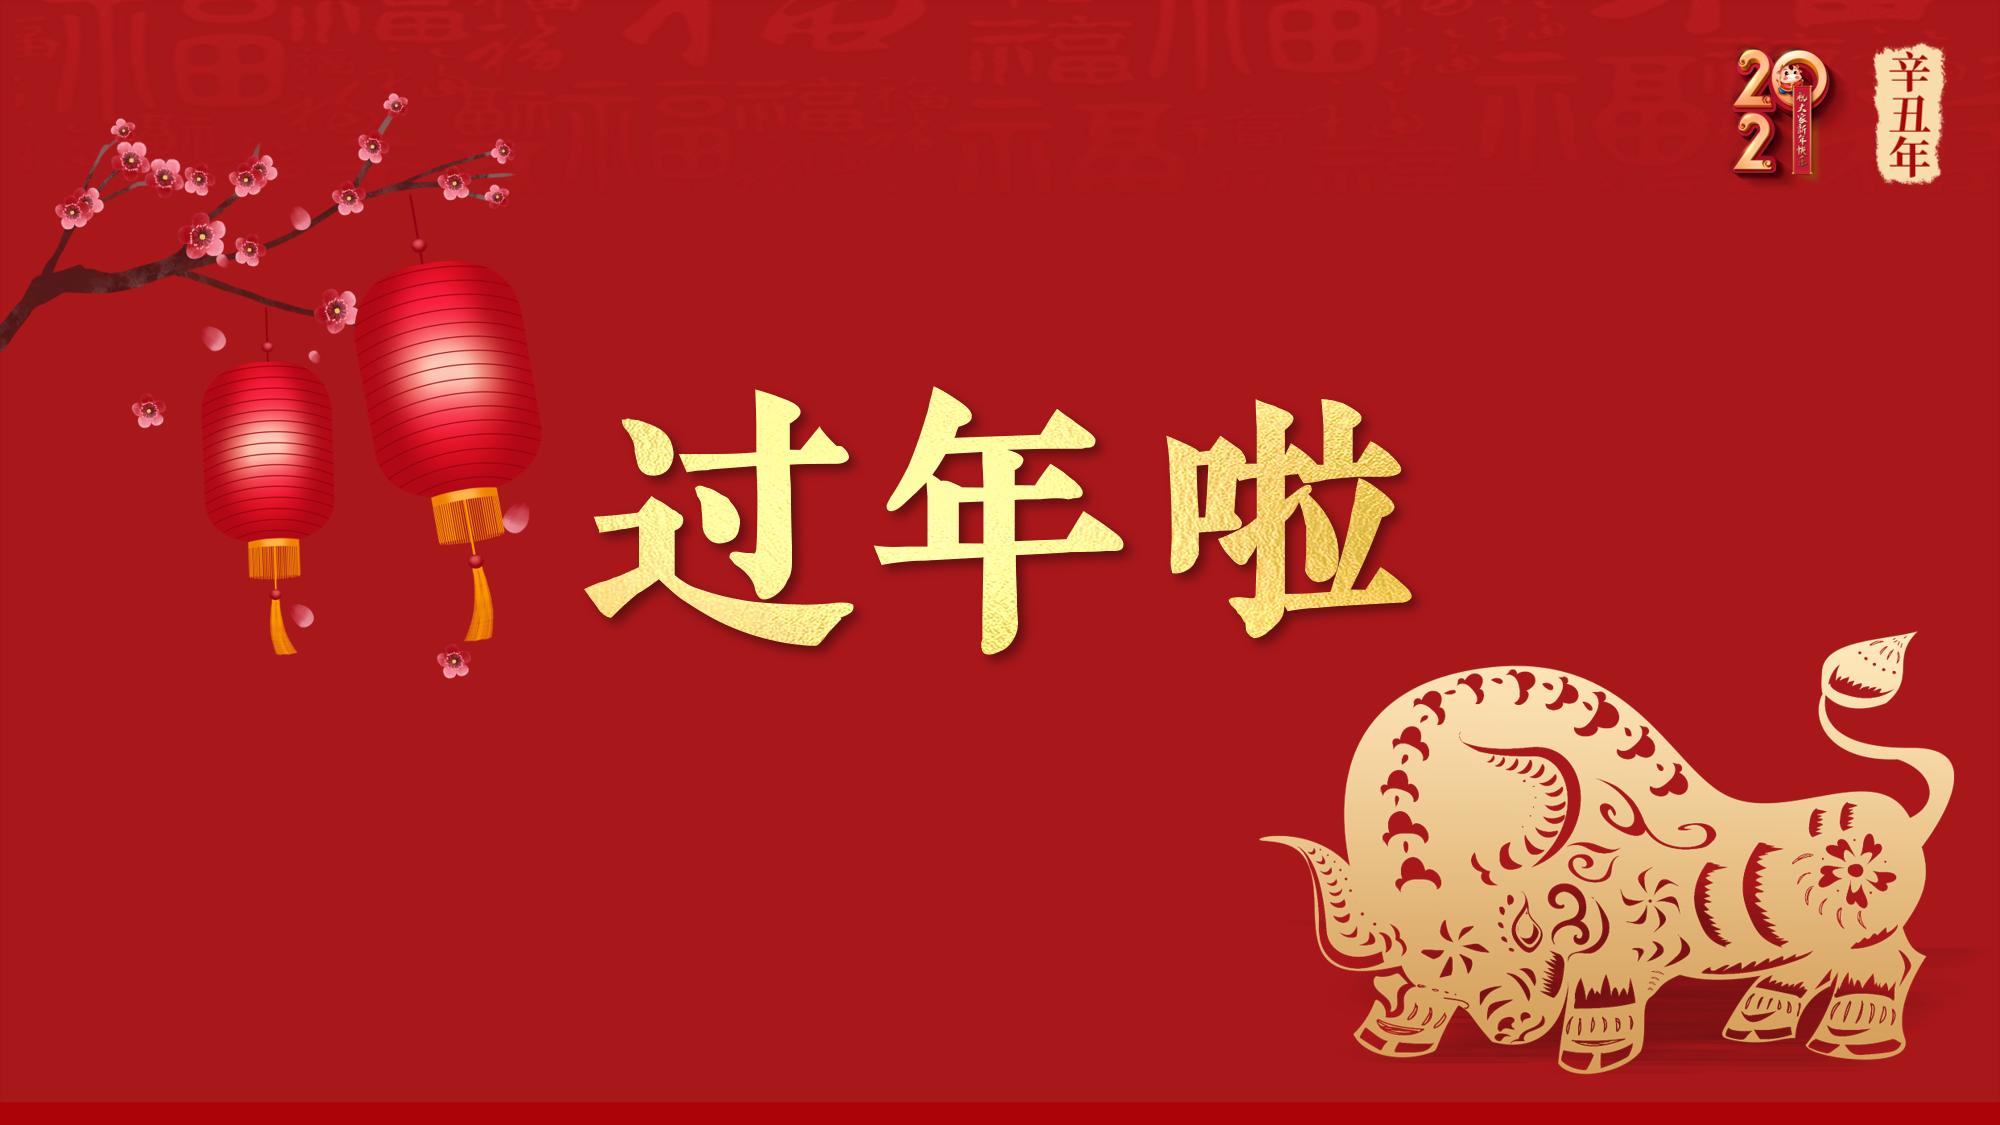 河北区纪委监委提醒您:过年勿忘廉!